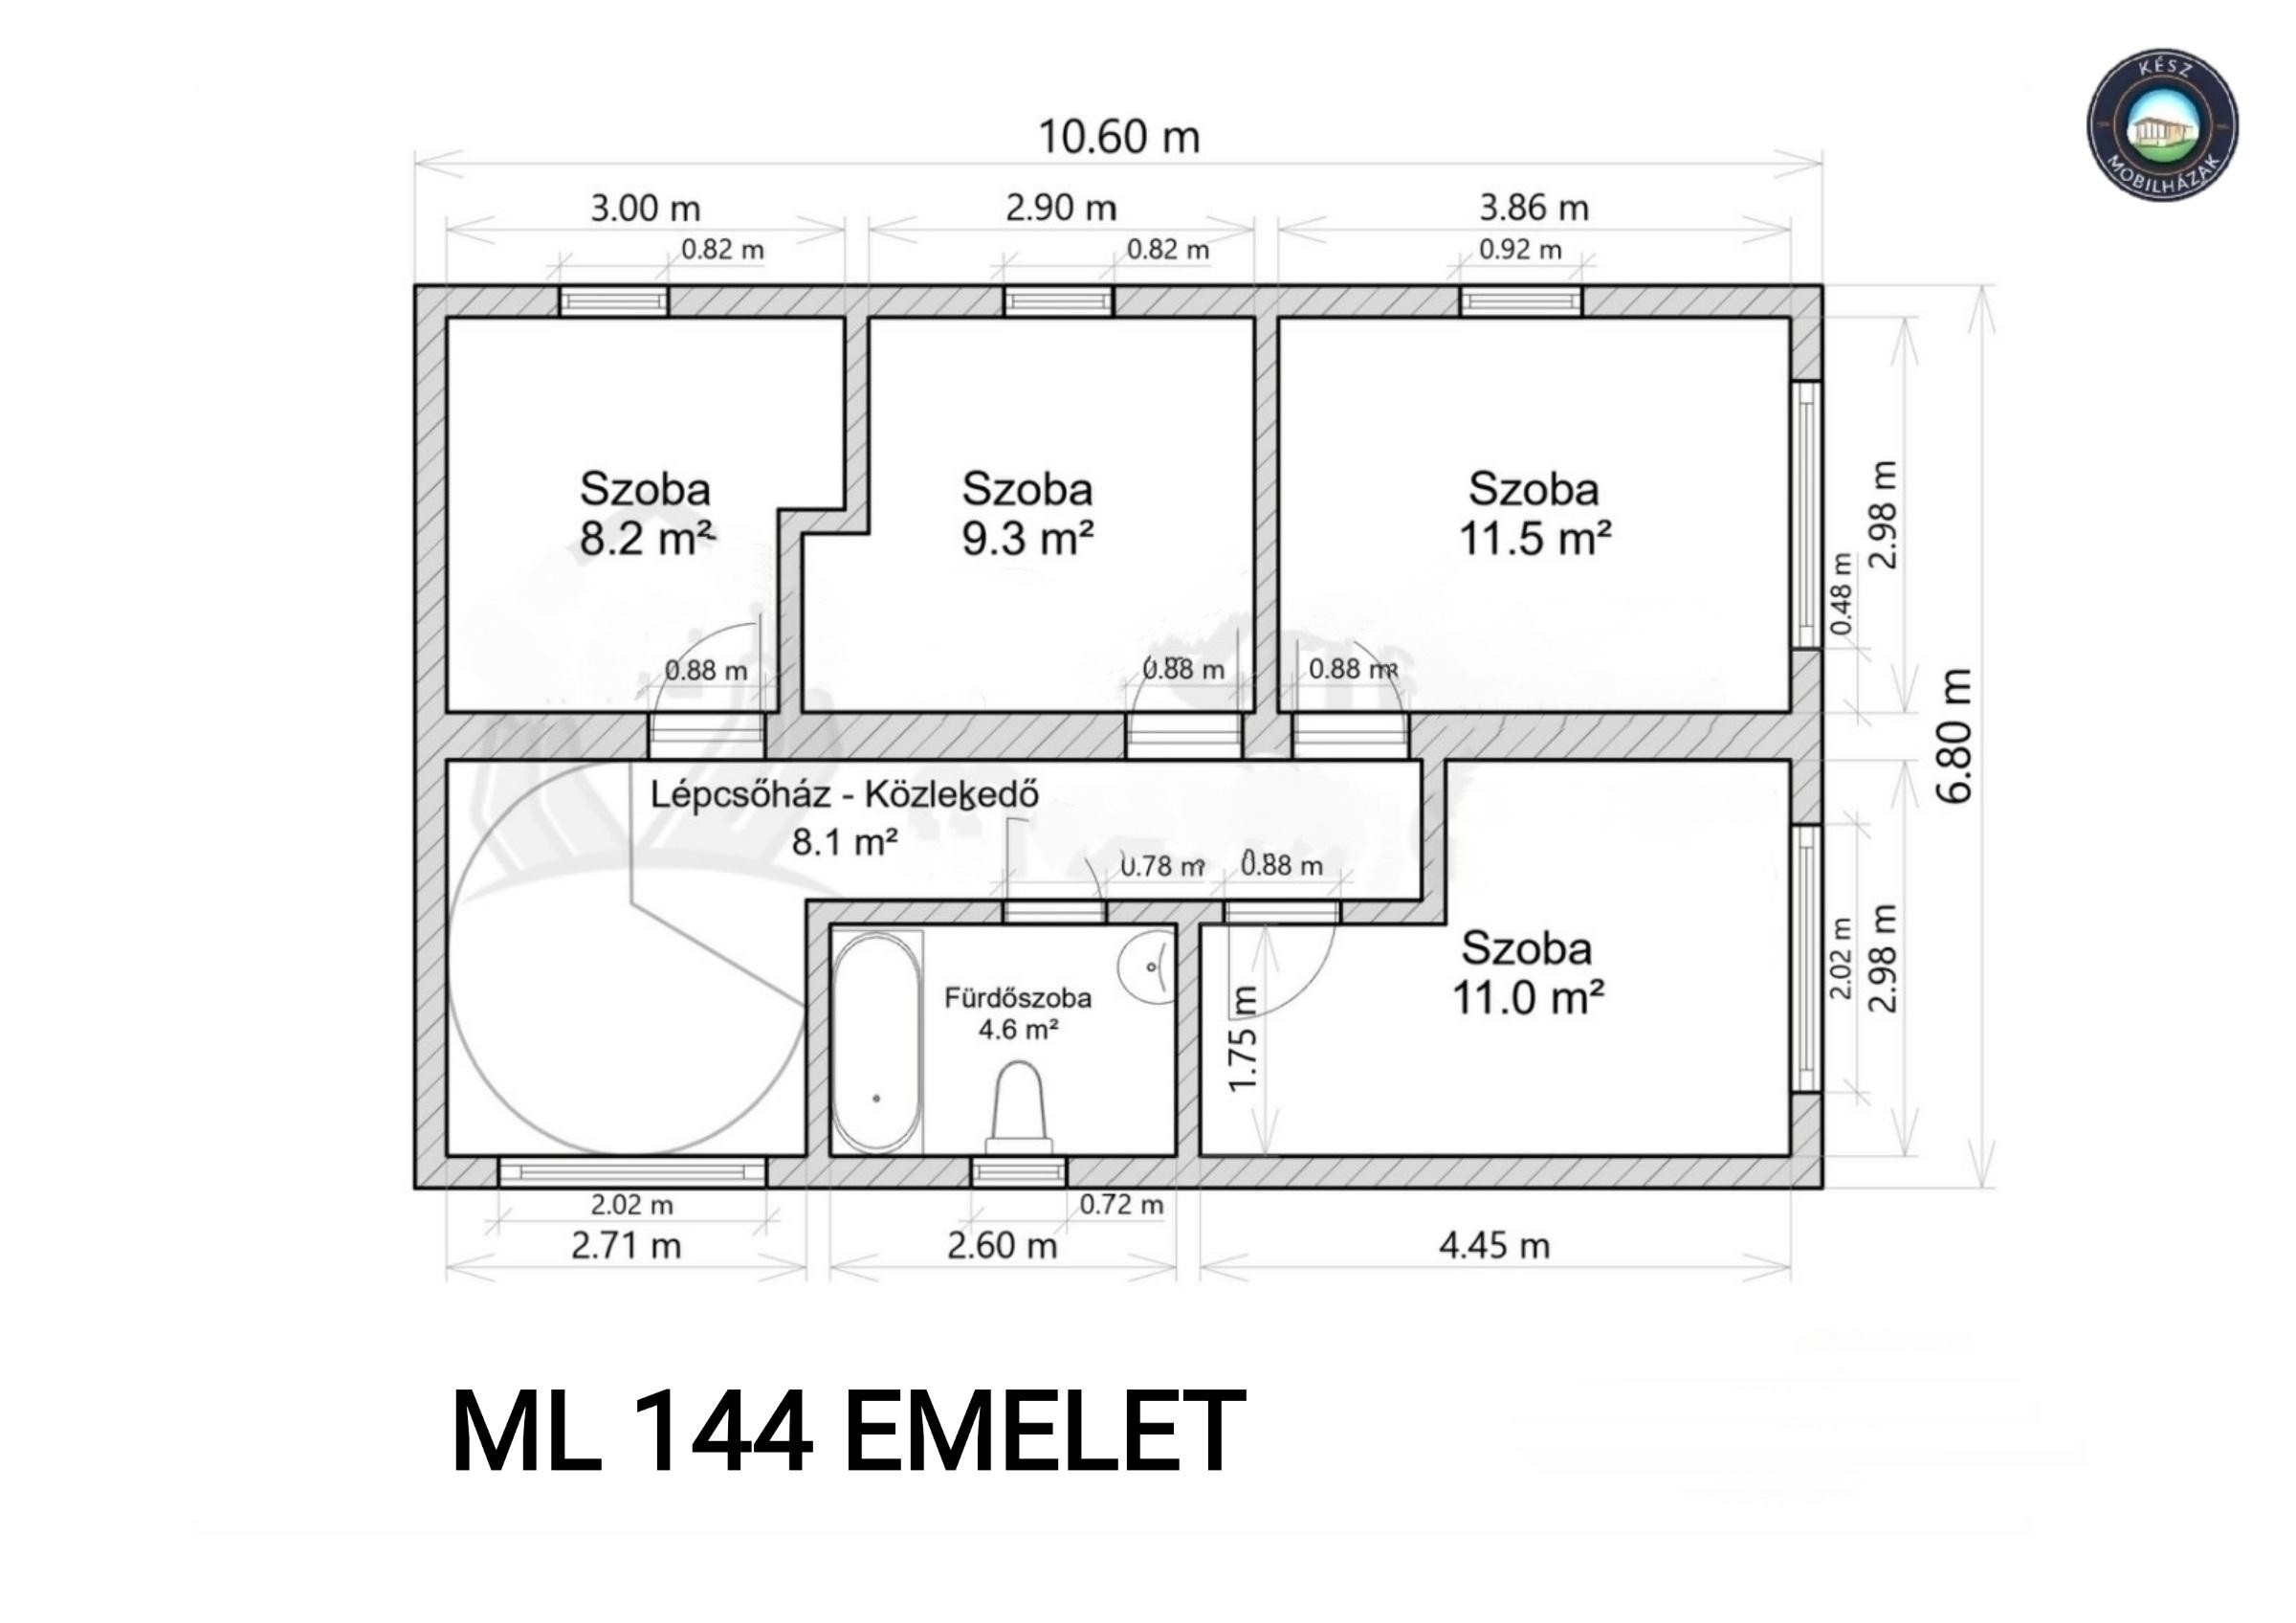 ML144 emelet